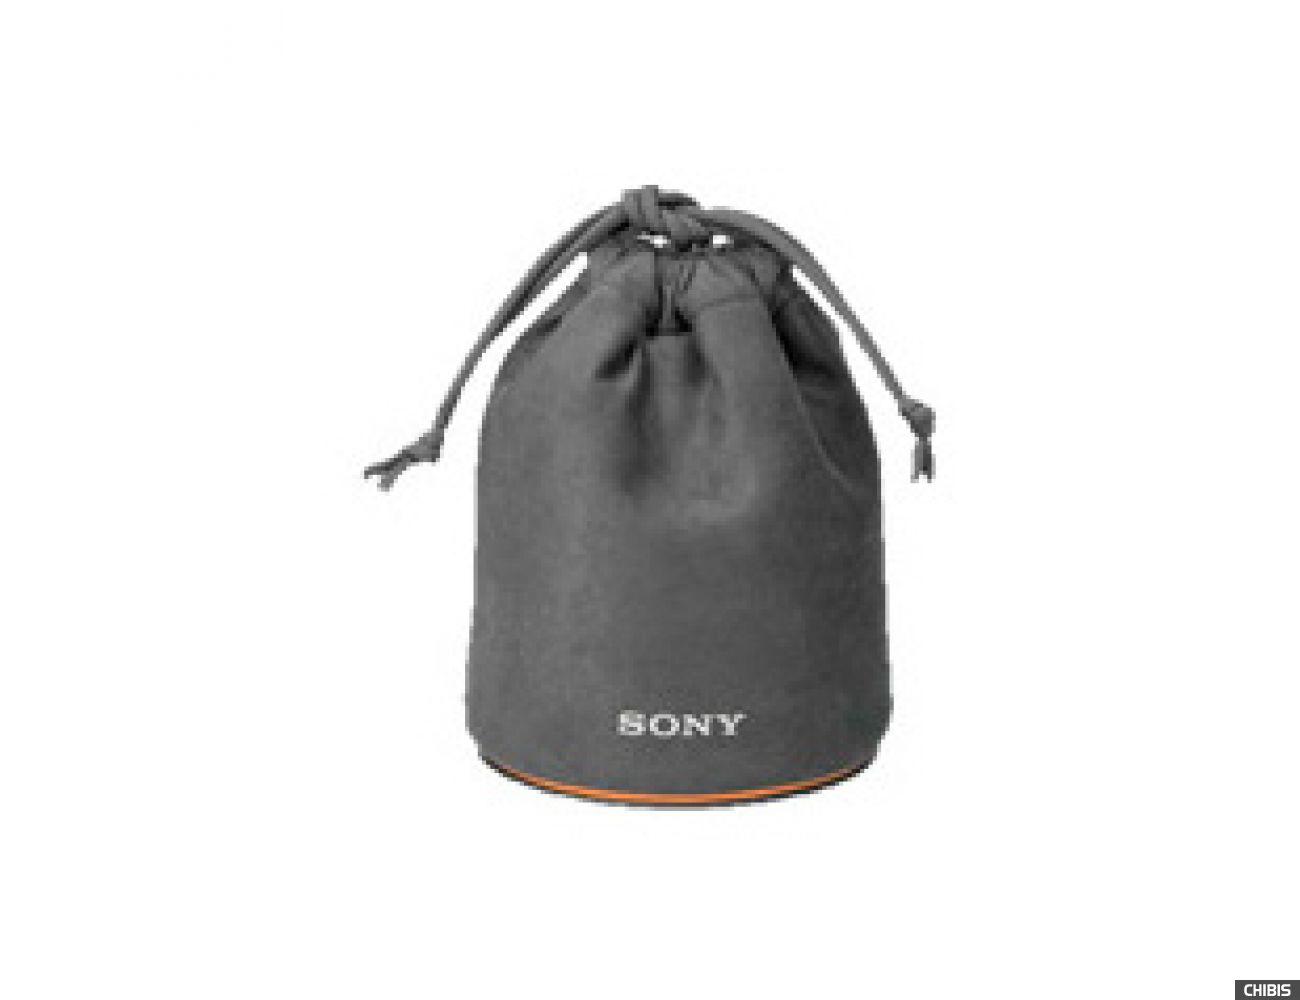 Чехол для объектива Sony LCL-60AM